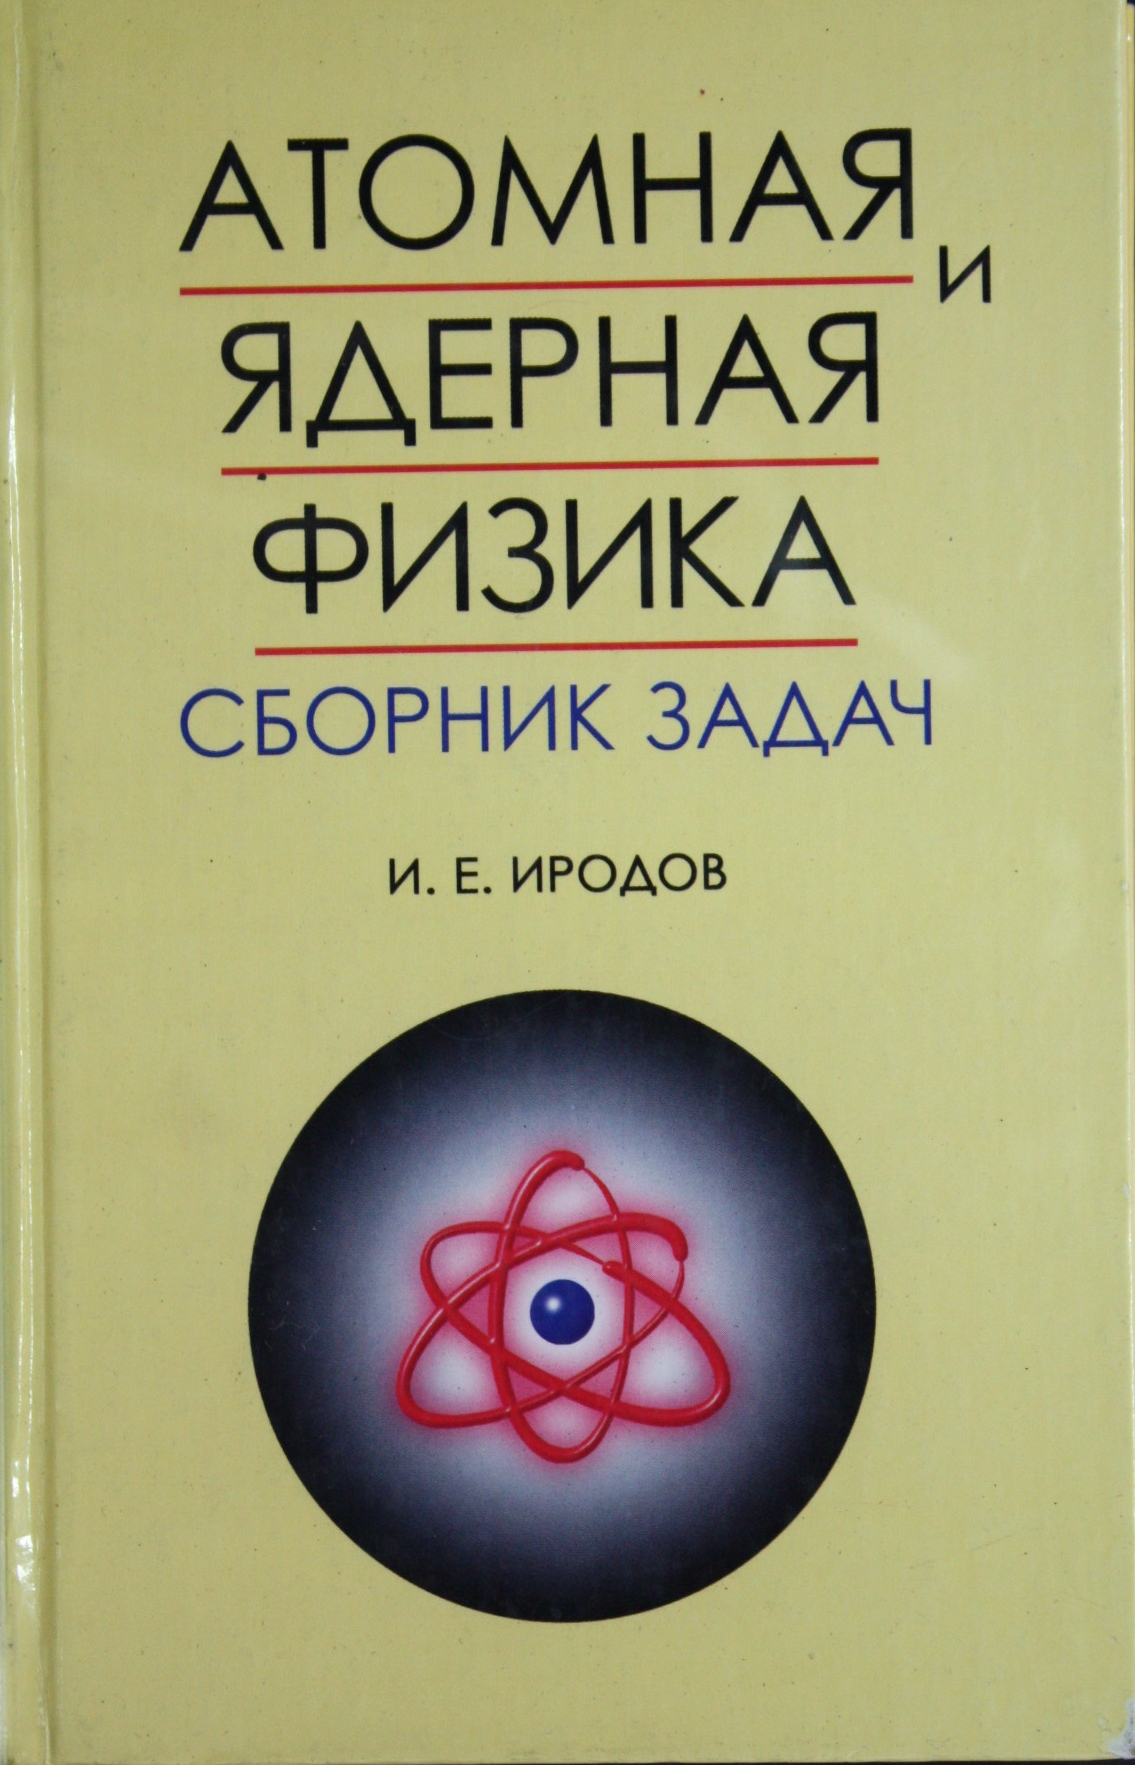 решебник иродов сборник задач по атомной и ядерной физике решебник